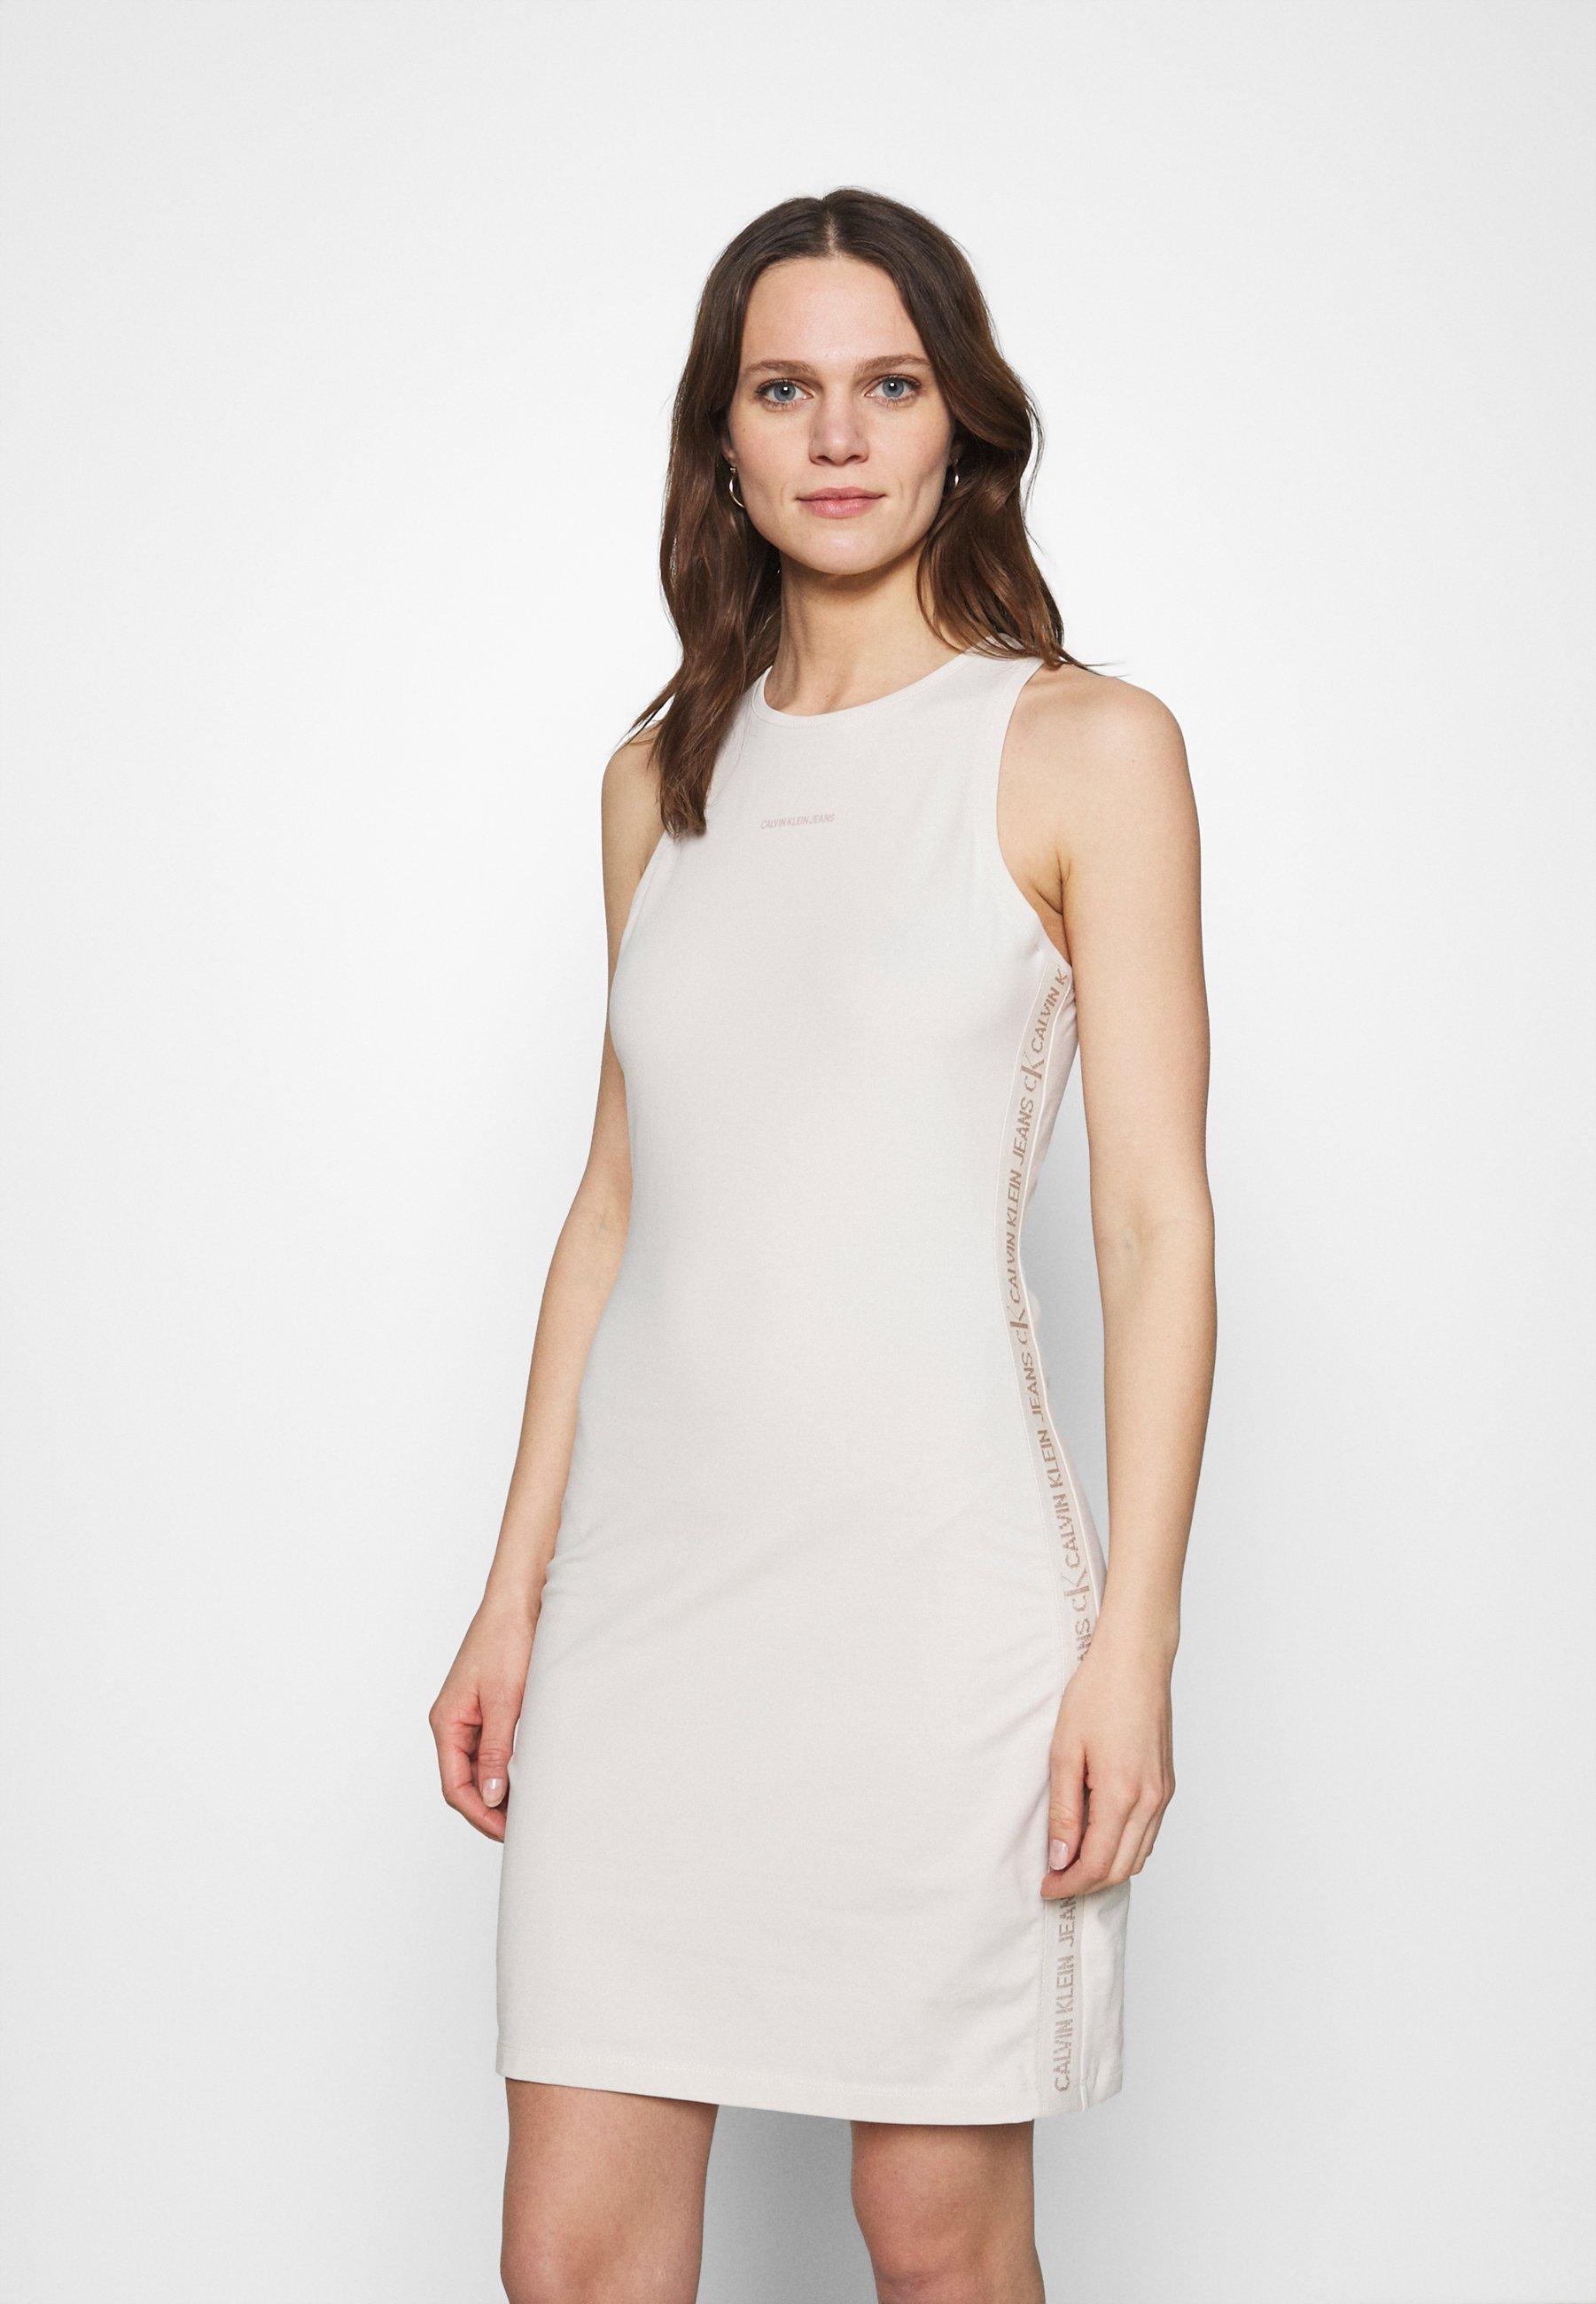 Women LOGO RACER BACK DRESS - Jersey dress